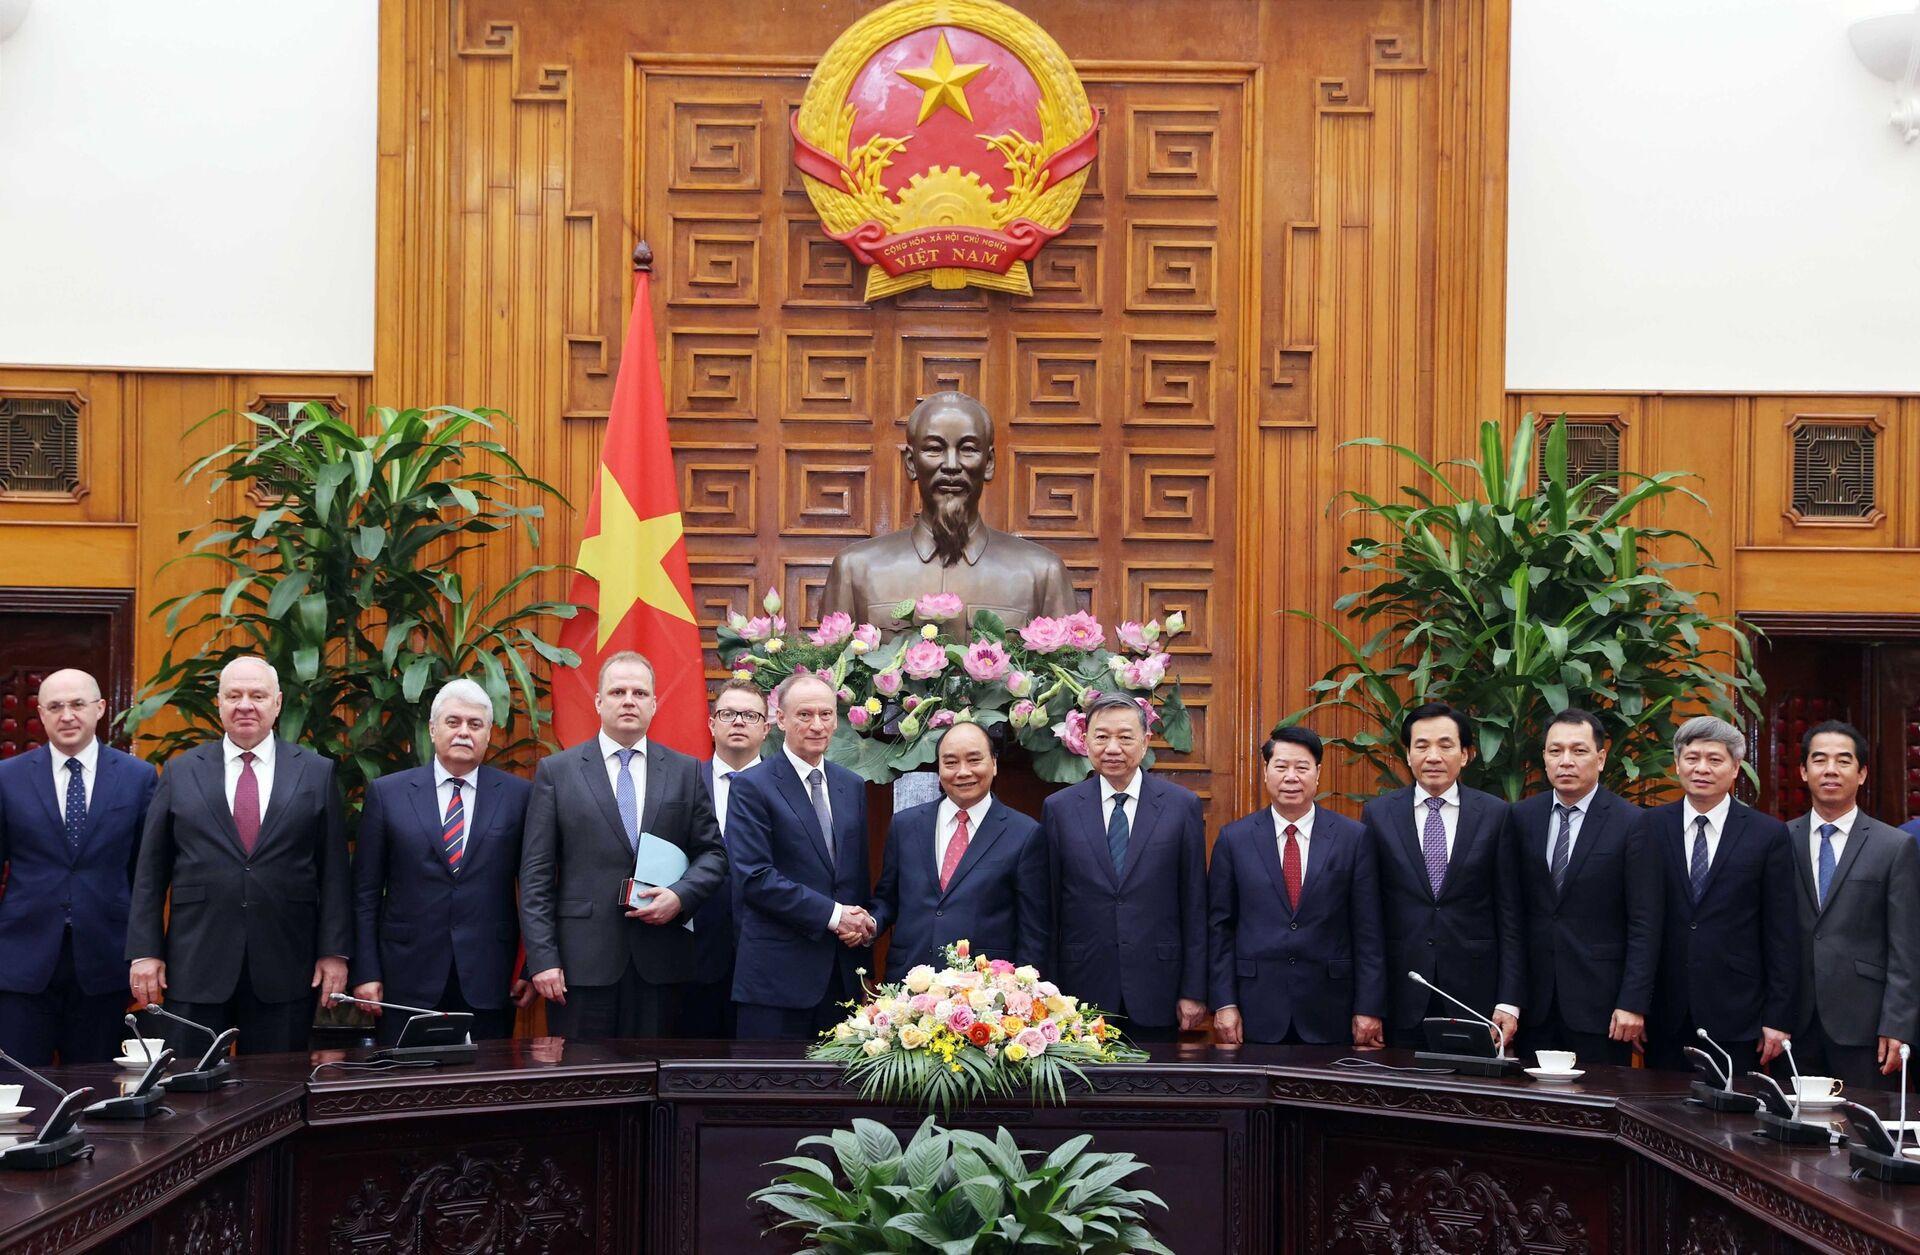 Thủ tướng: Quan hệ hợp tác an ninh, quốc phòng Việt - Nga là trụ cột - Sputnik Việt Nam, 1920, 17.03.2021